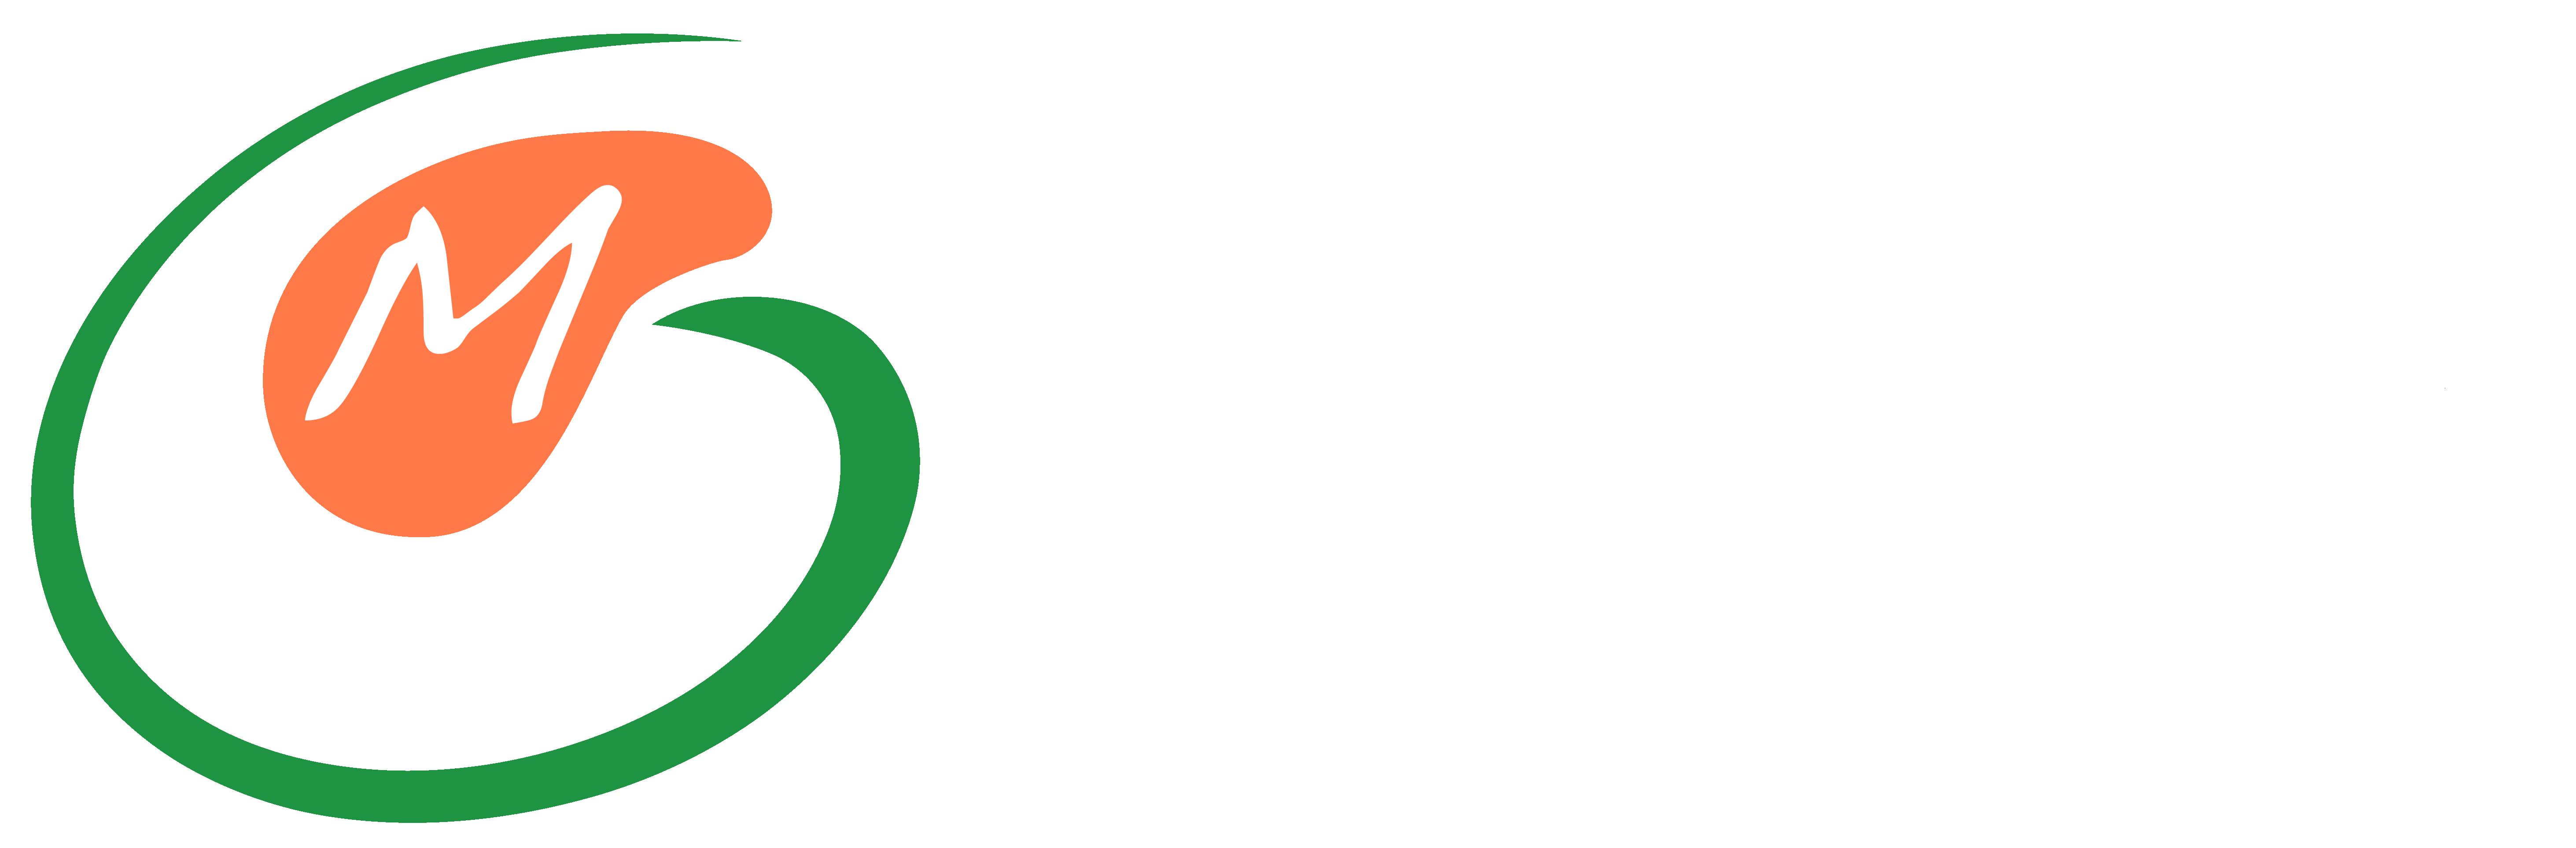 logo正式版本-08